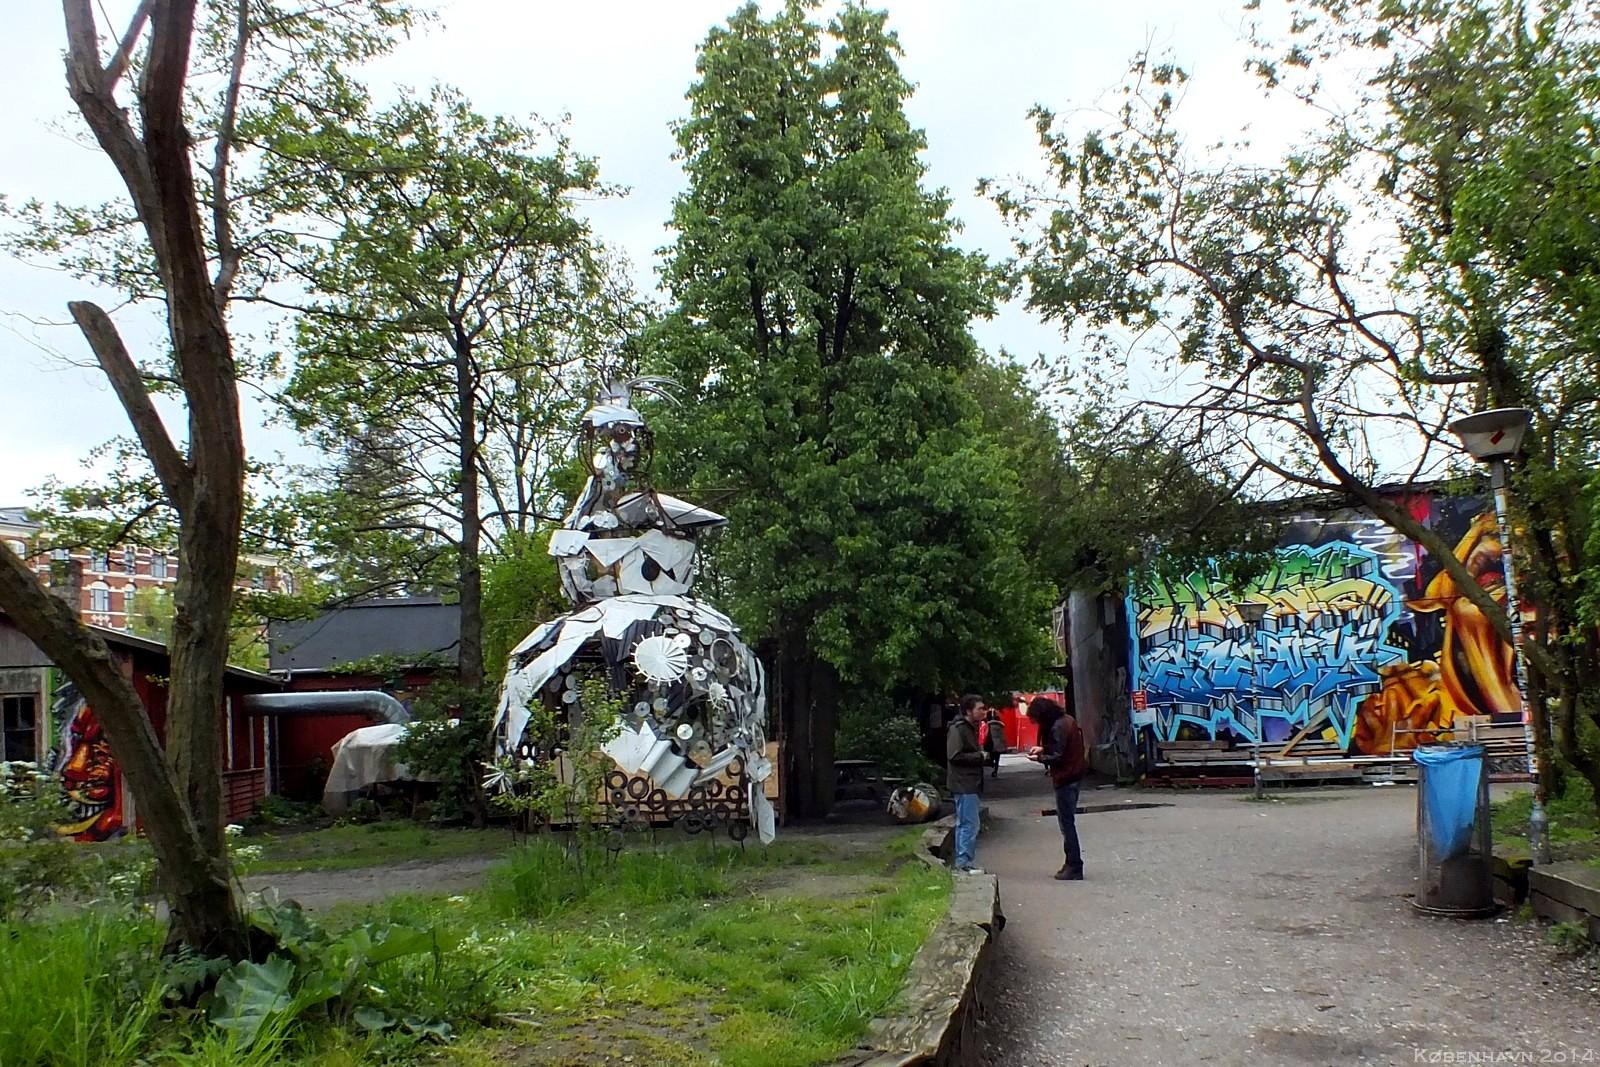 Christiania, København, Denmark